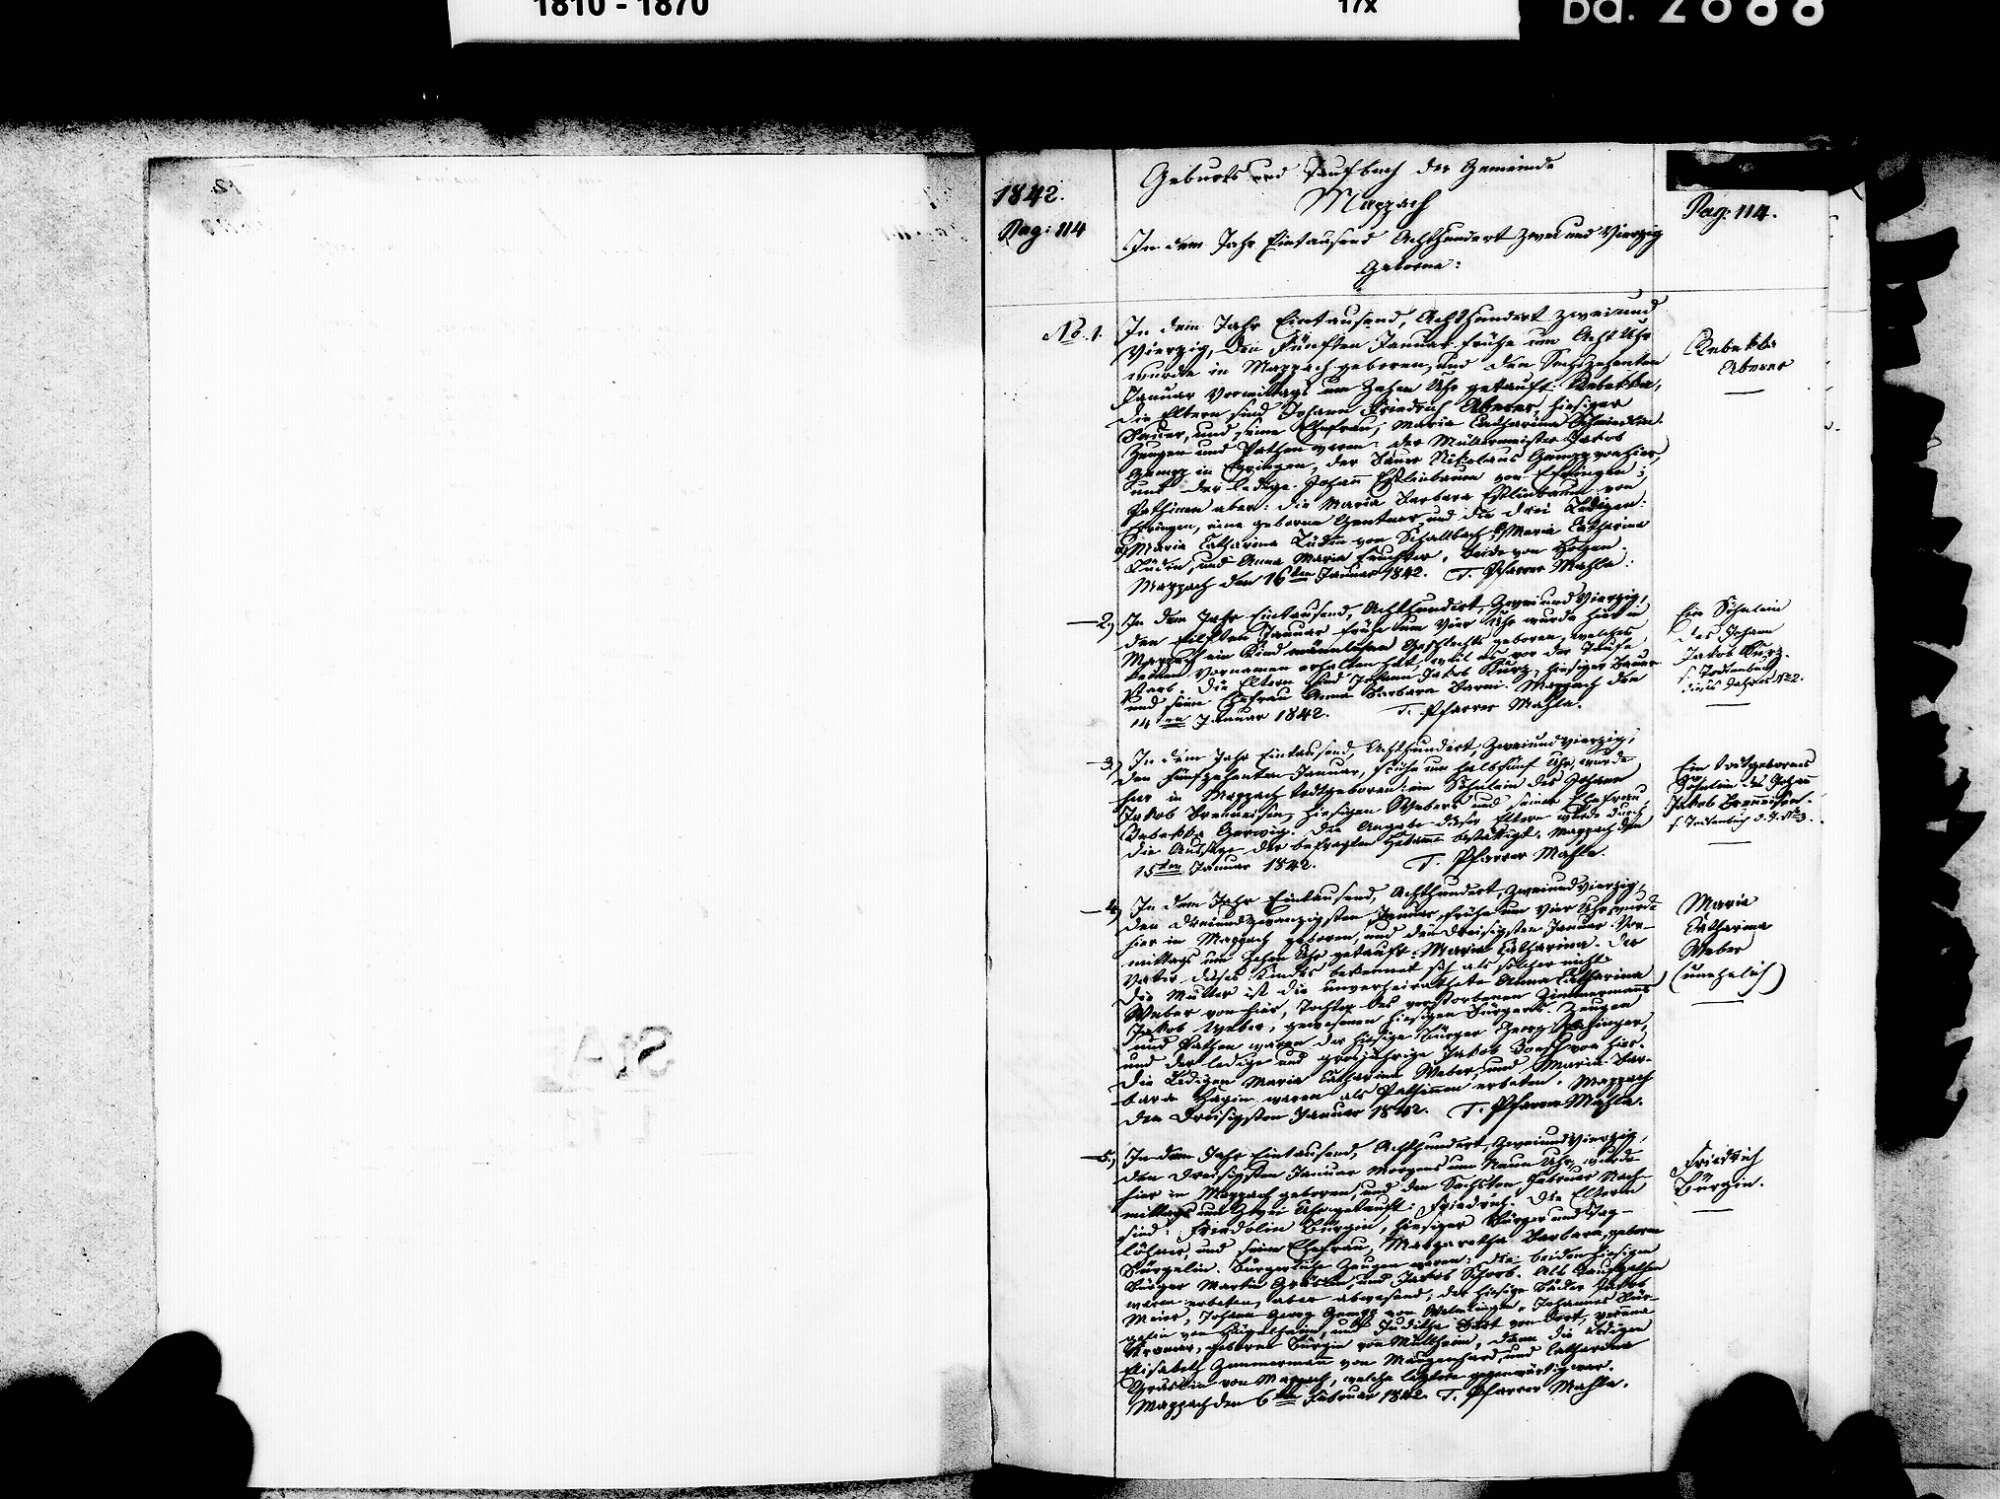 Mappach, Efringen-Kirchen LÖ; Evangelische Gemeinde: Geburtenbuch 1842-1869, Bild 3